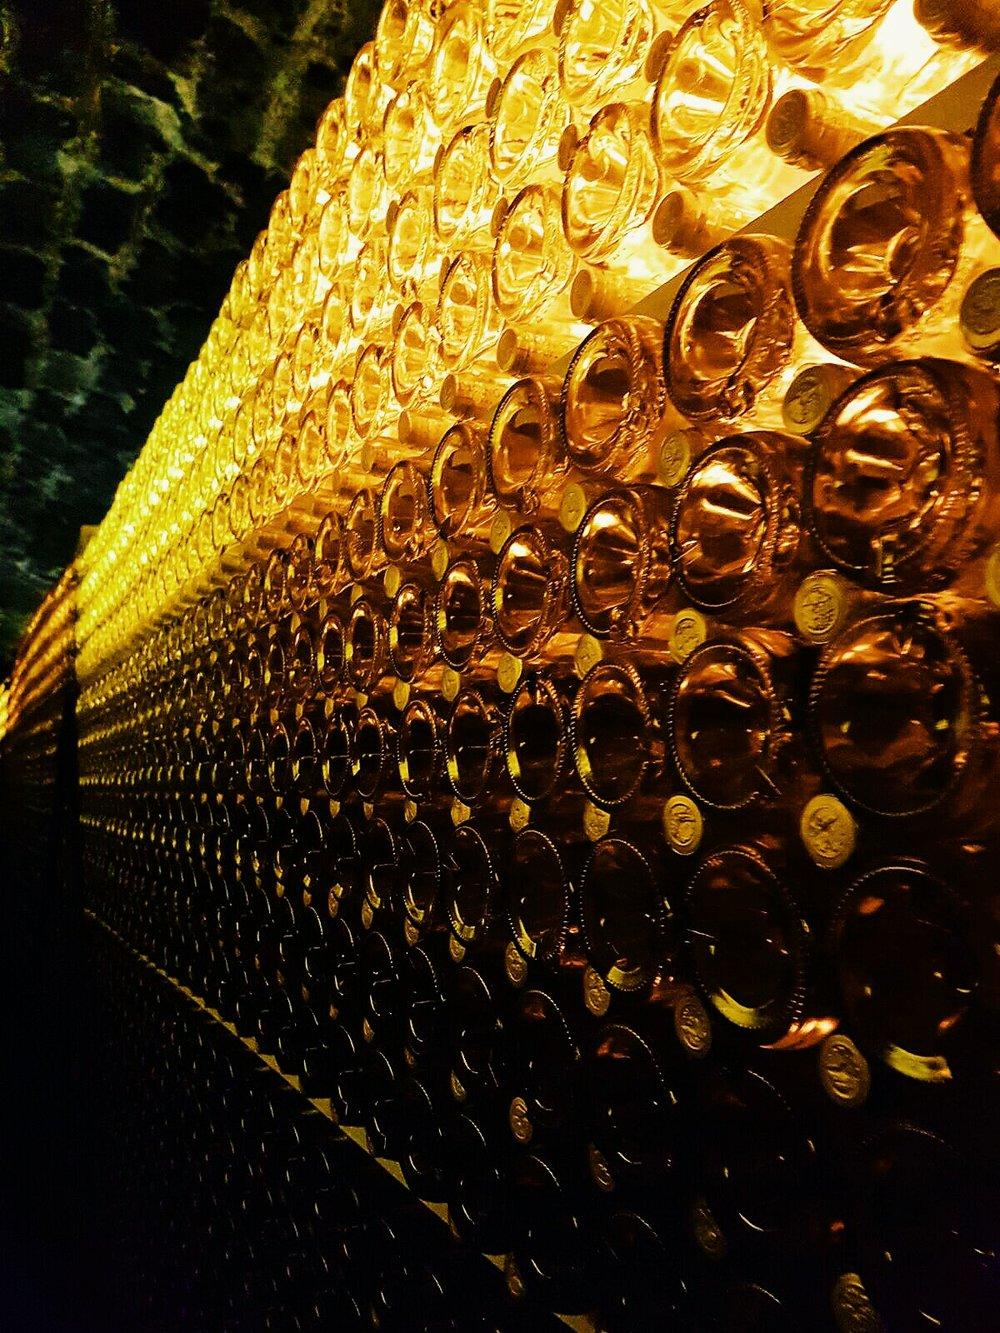 Golden elixir...